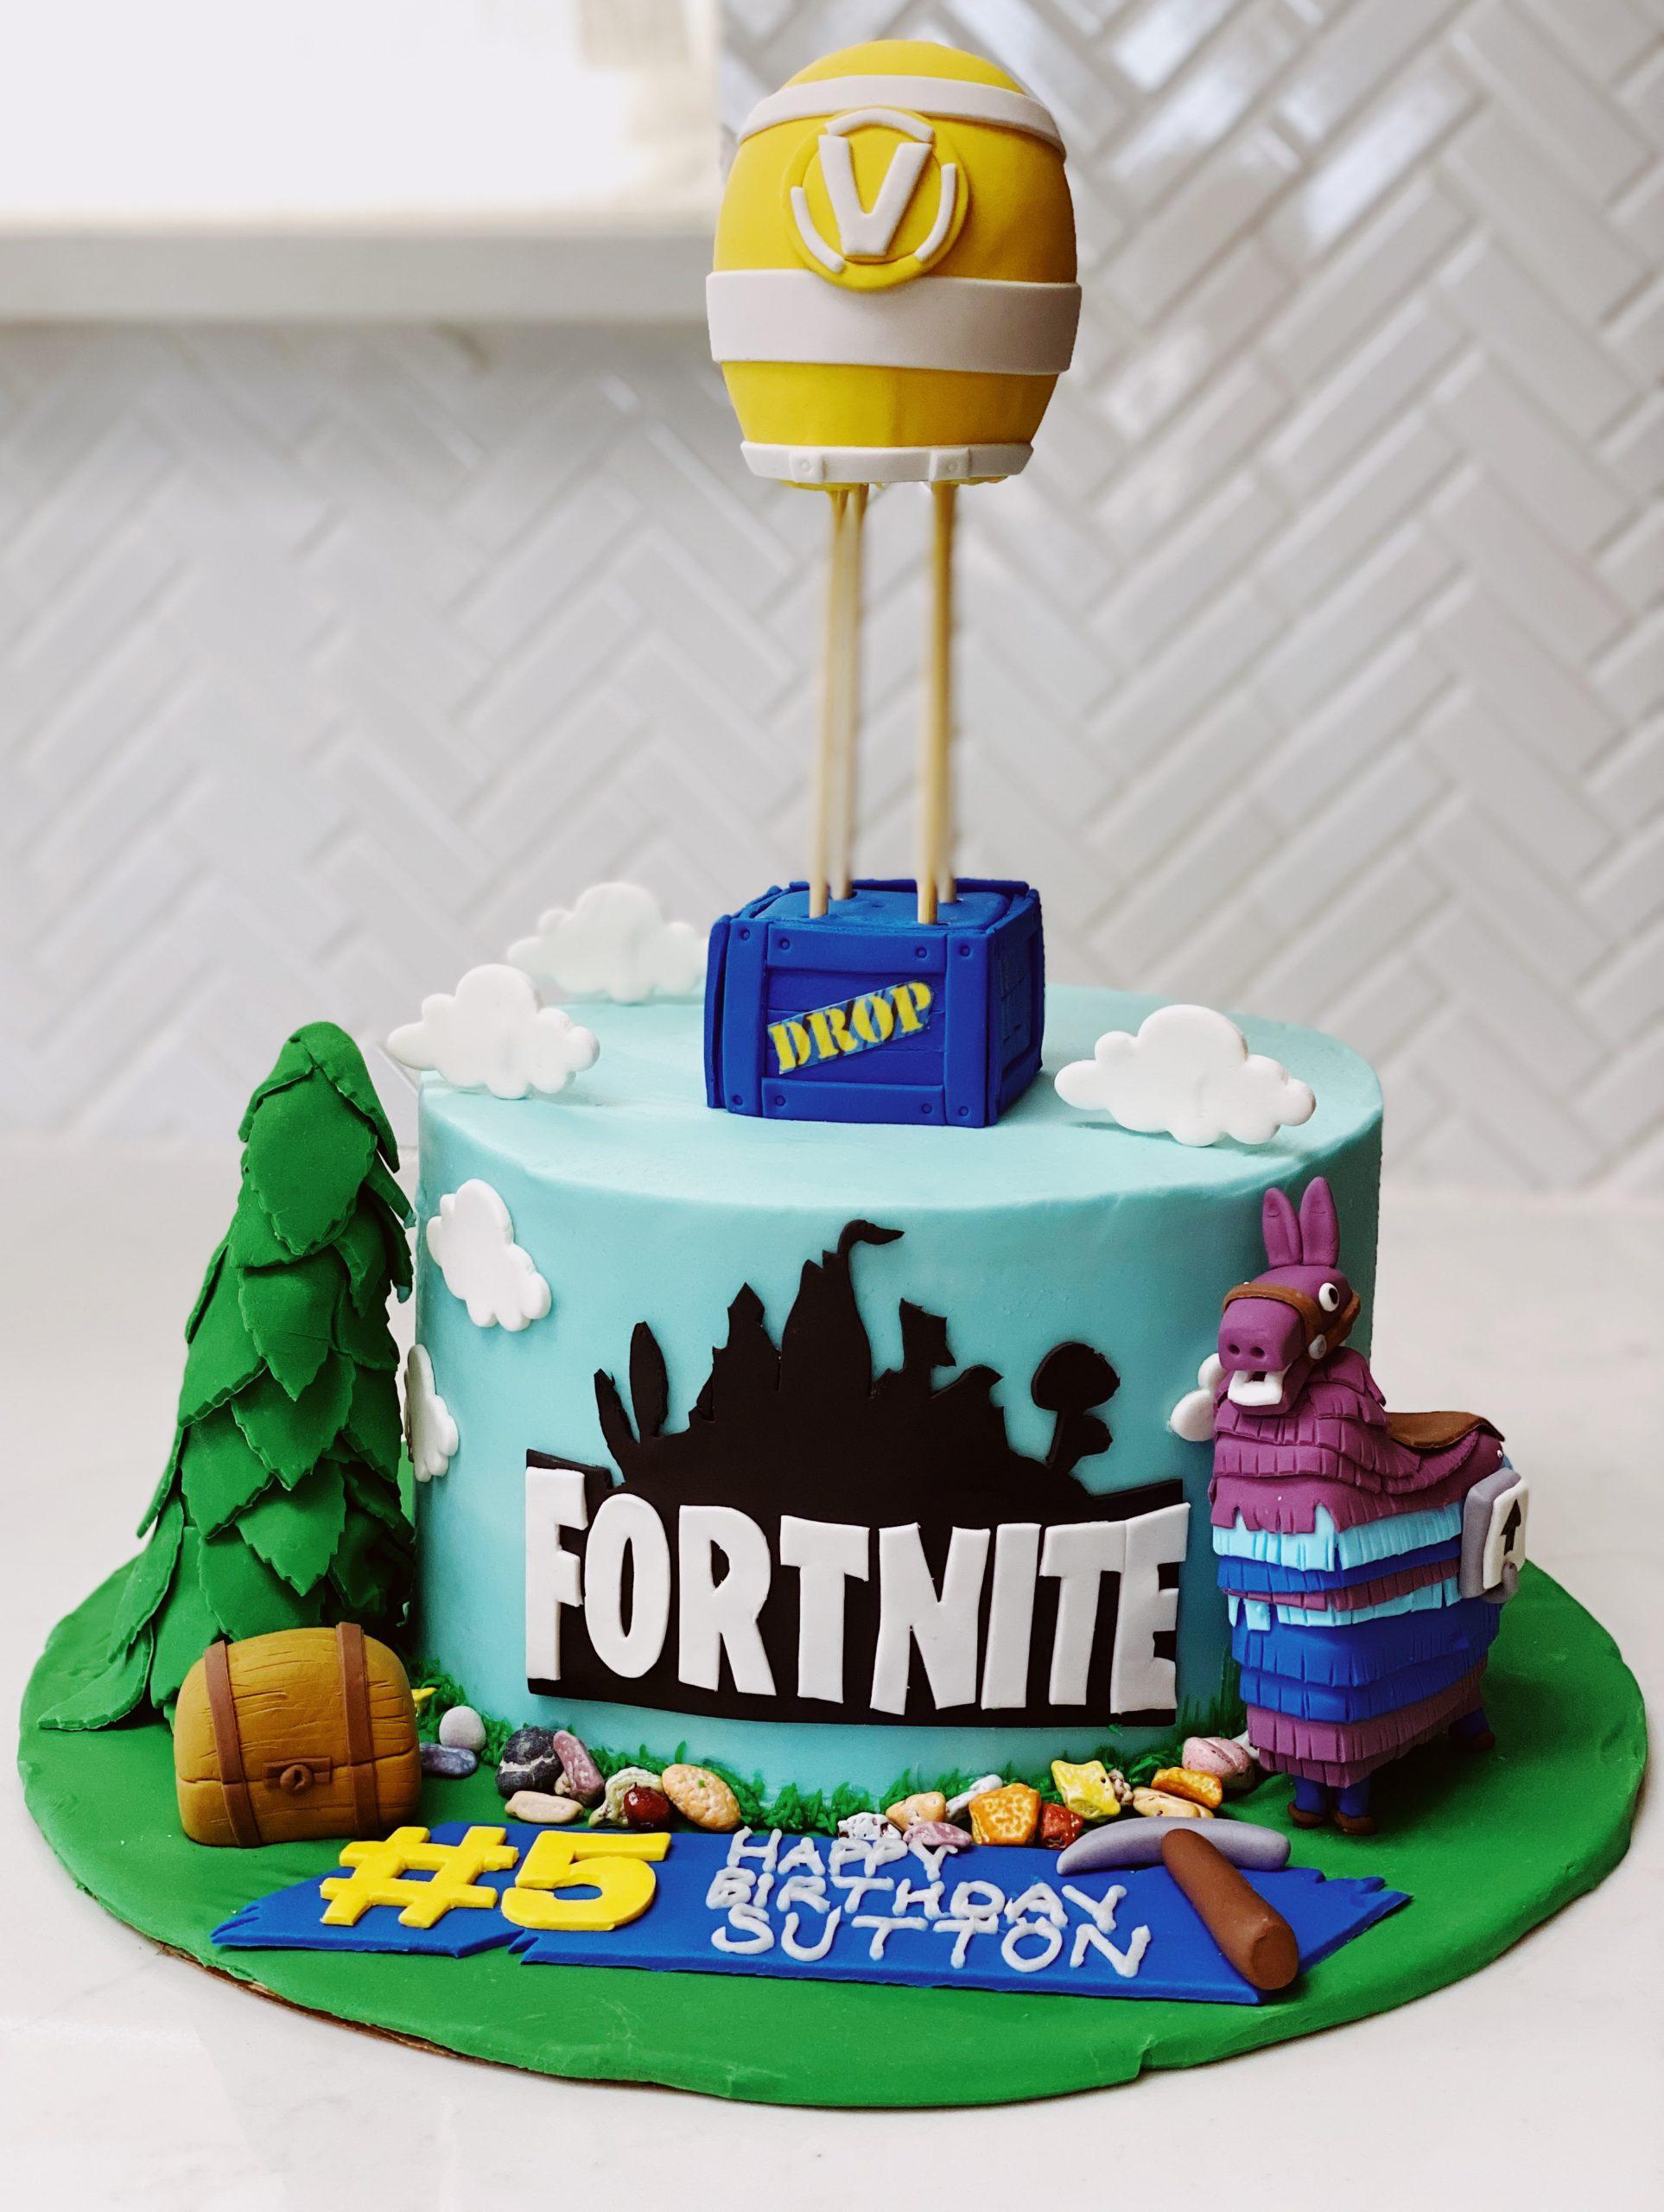 fortnite cake idea